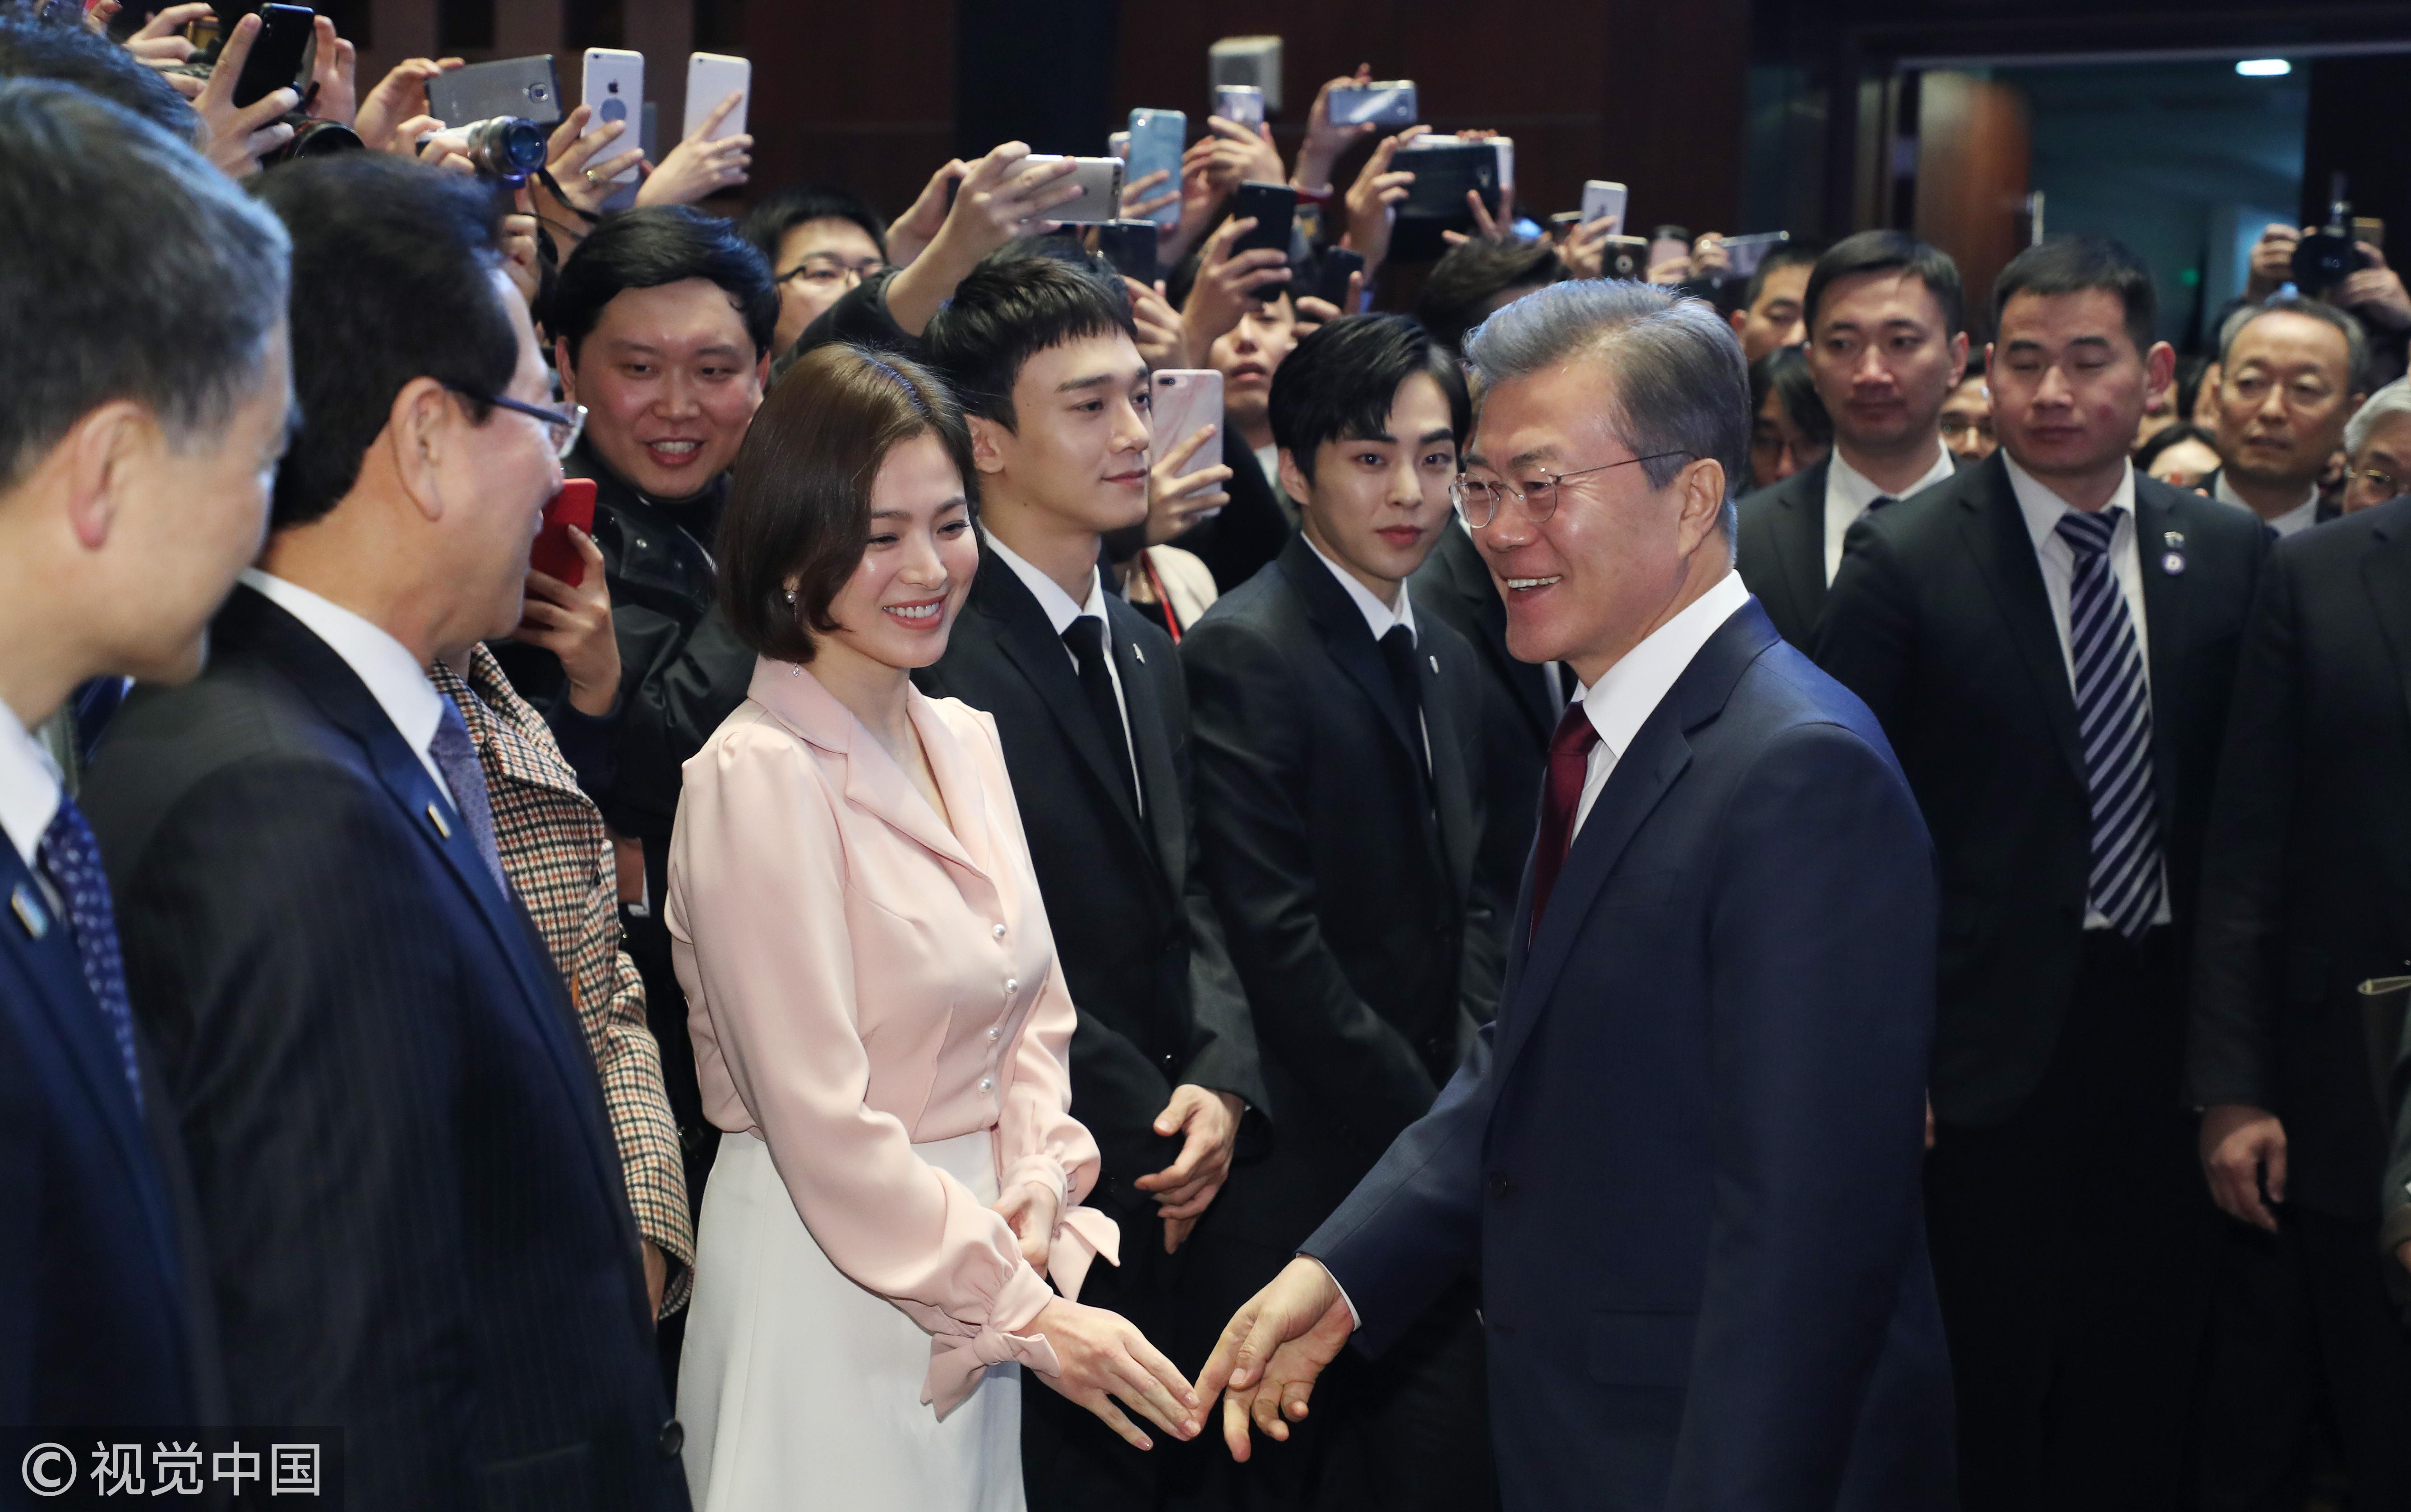 ▲宋慧喬、EXO-CBX(XIUMIN、CHEN、伯賢),和南韓總統文在寅一起參加中韓經貿合作交流會。(圖/CFP)